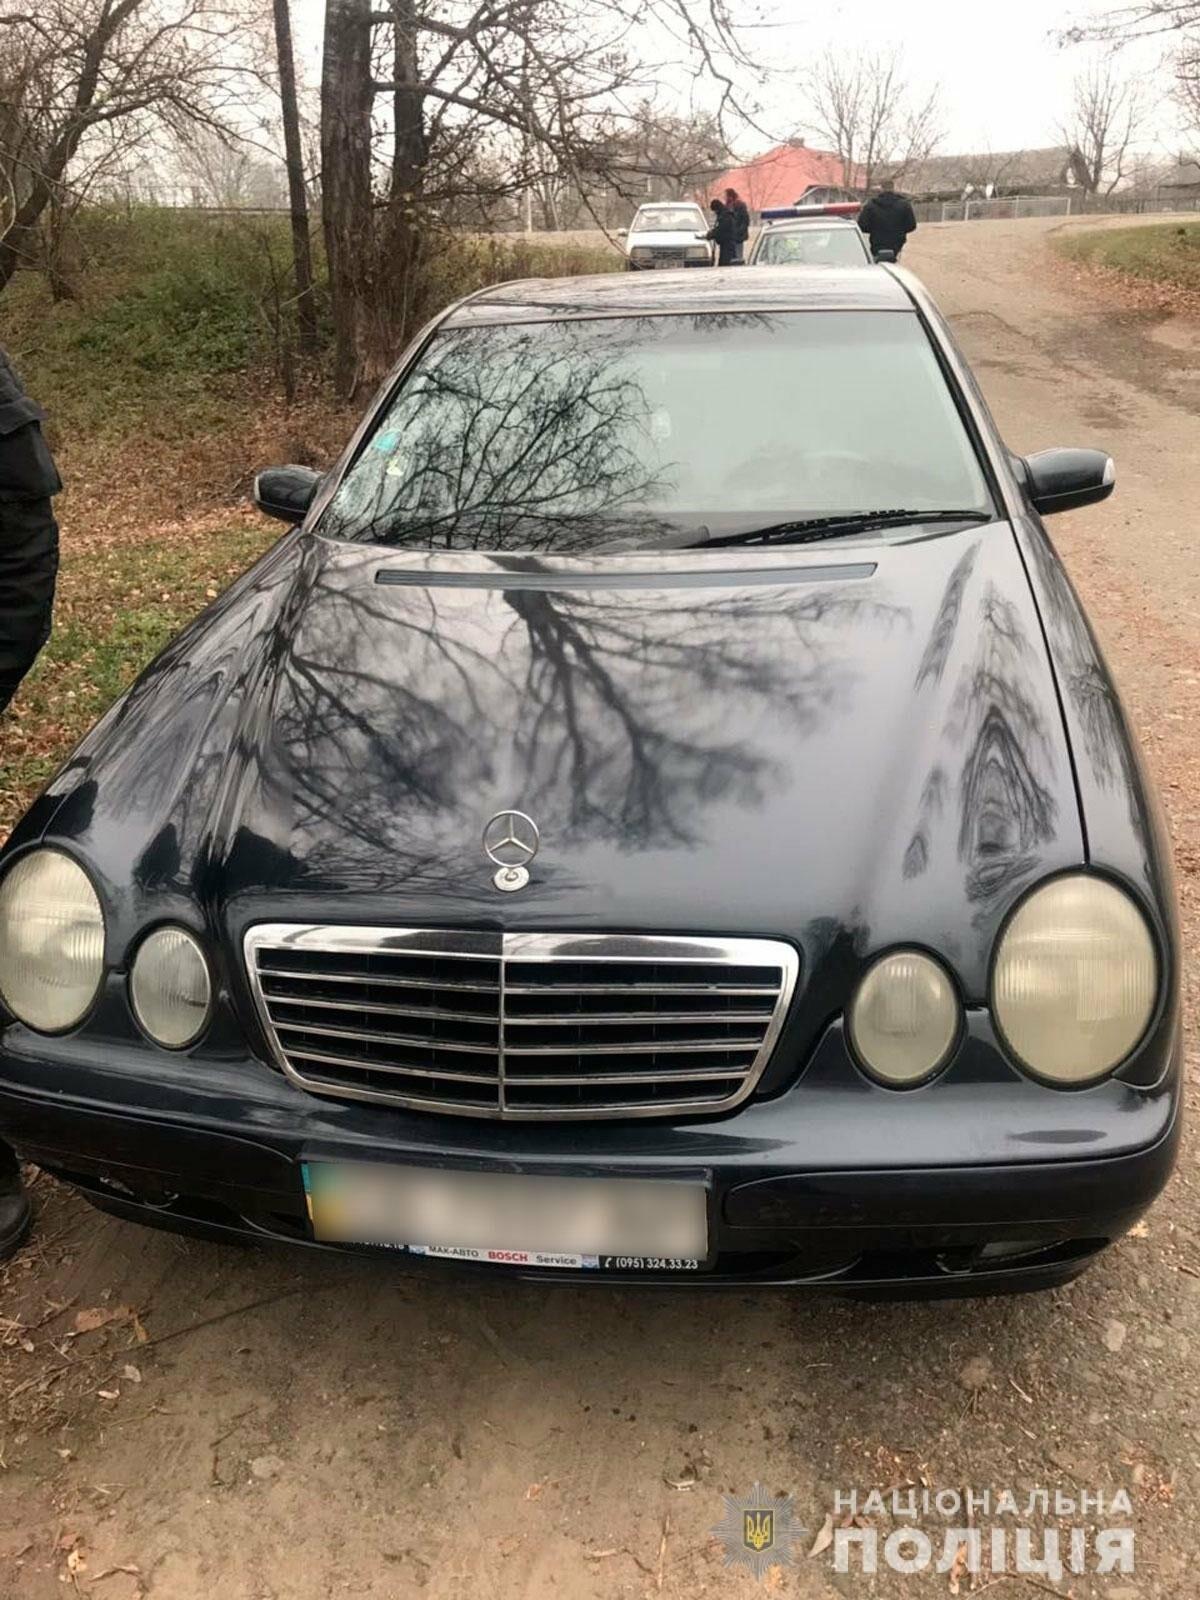 Буковинець збив автомобілем жінку та втік з місця пригоди: поліція знайшла зловмисника , фото-2